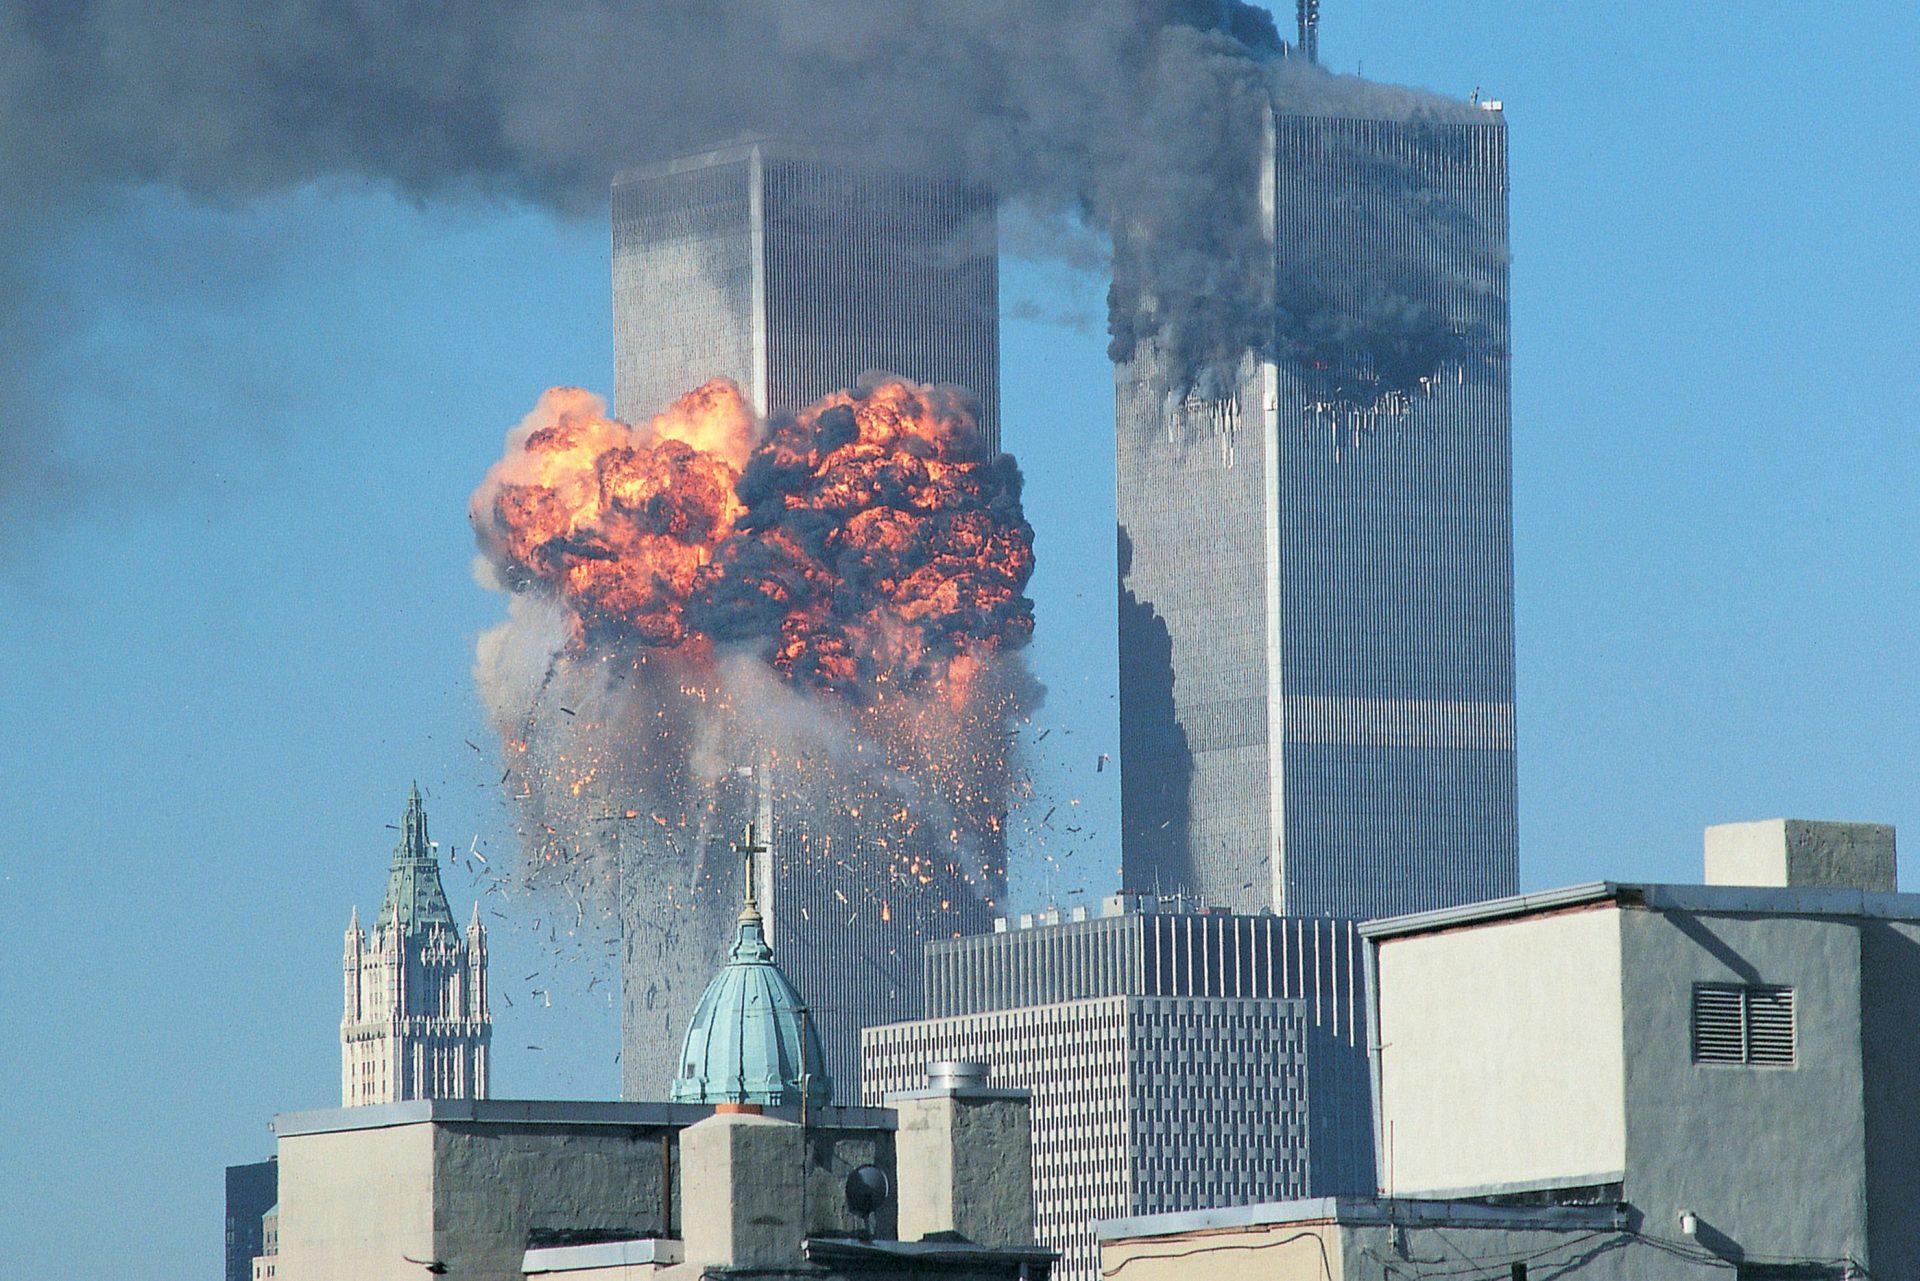 Statele Unite ale Americii marchează 18 ani de la atacurile din 11 septembrie 2001, în urma cărora au murit 3000 de oameni